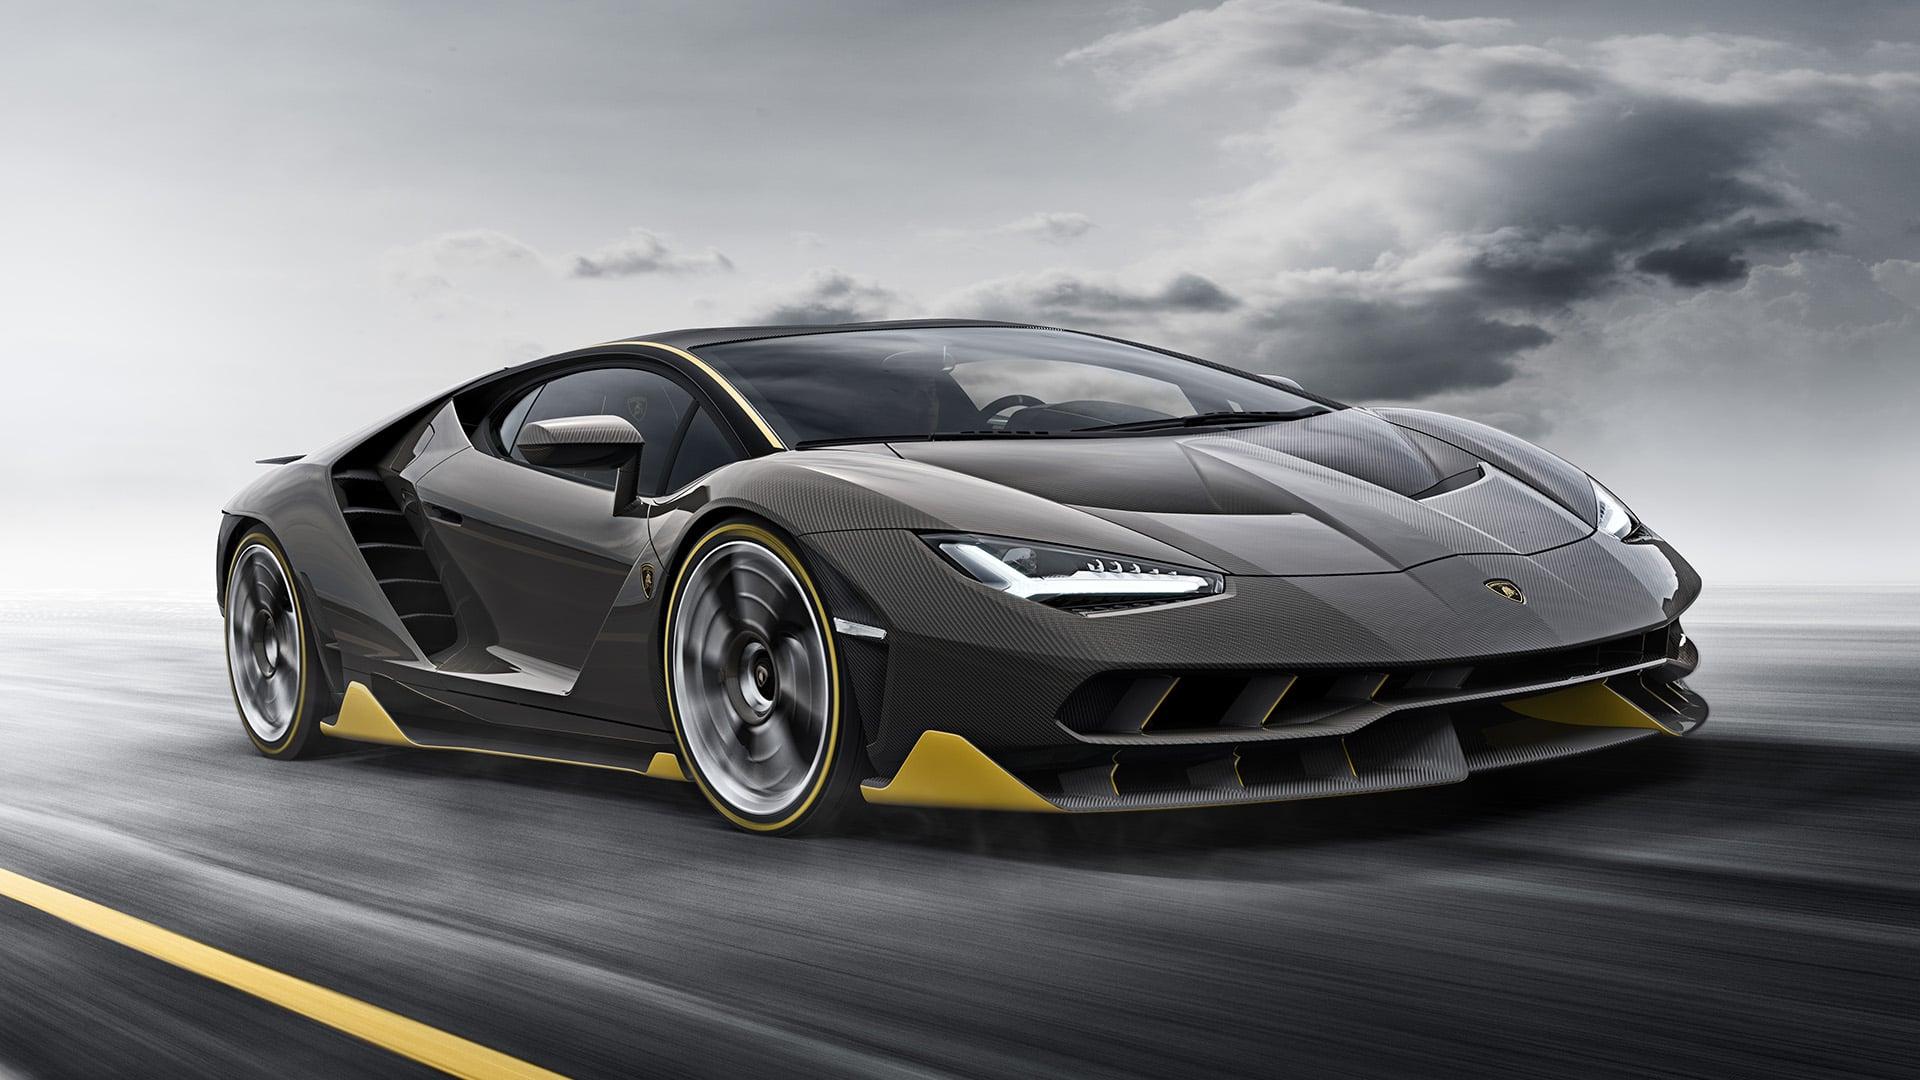 Lamborghini Centenario LP 770